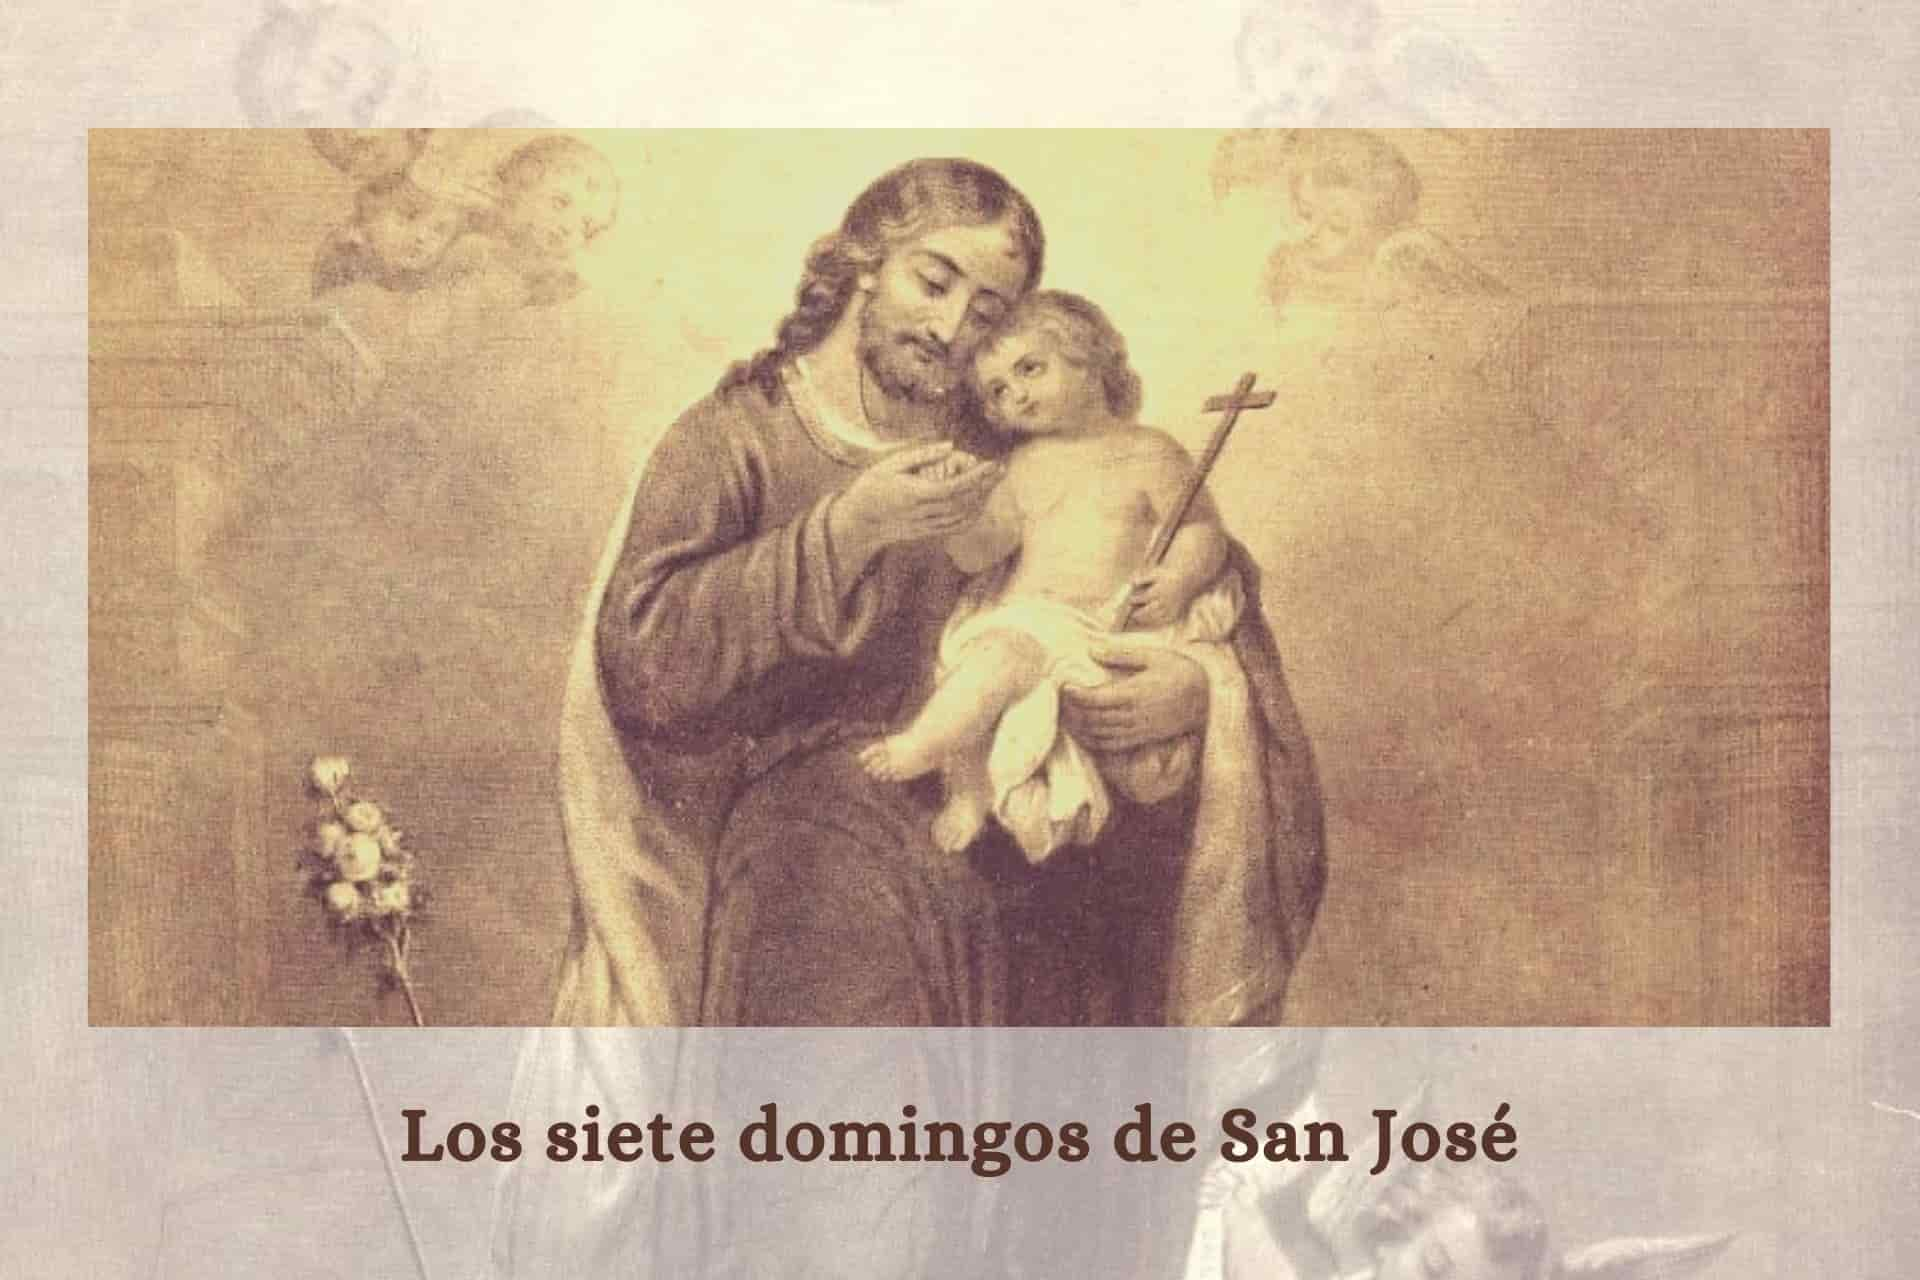 Los siete domingos de San José